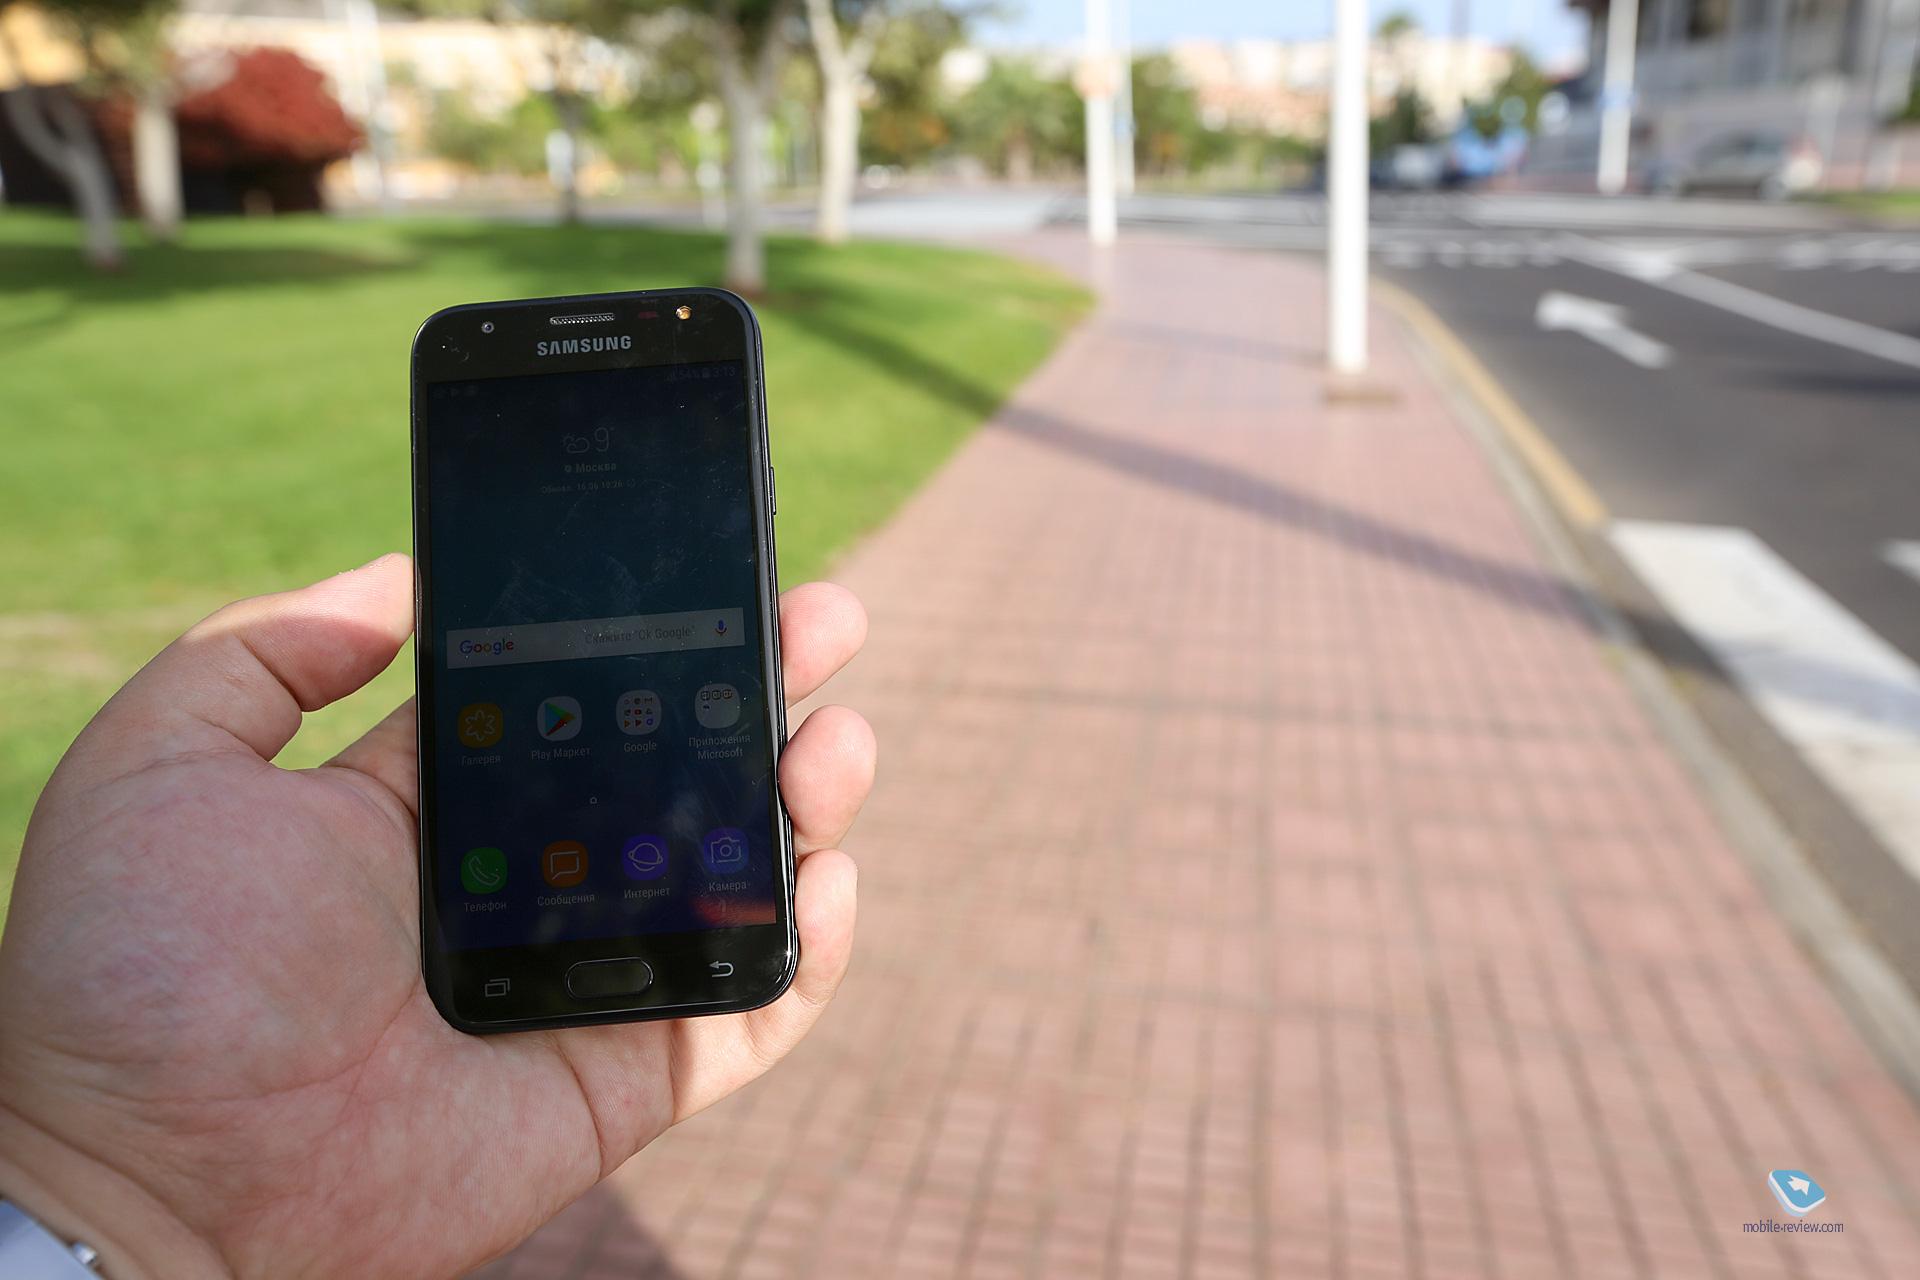 de14e491efe8 Mobile-review.com Обзор смартфона Samsung Galaxy J3 2017 (SM-J330)